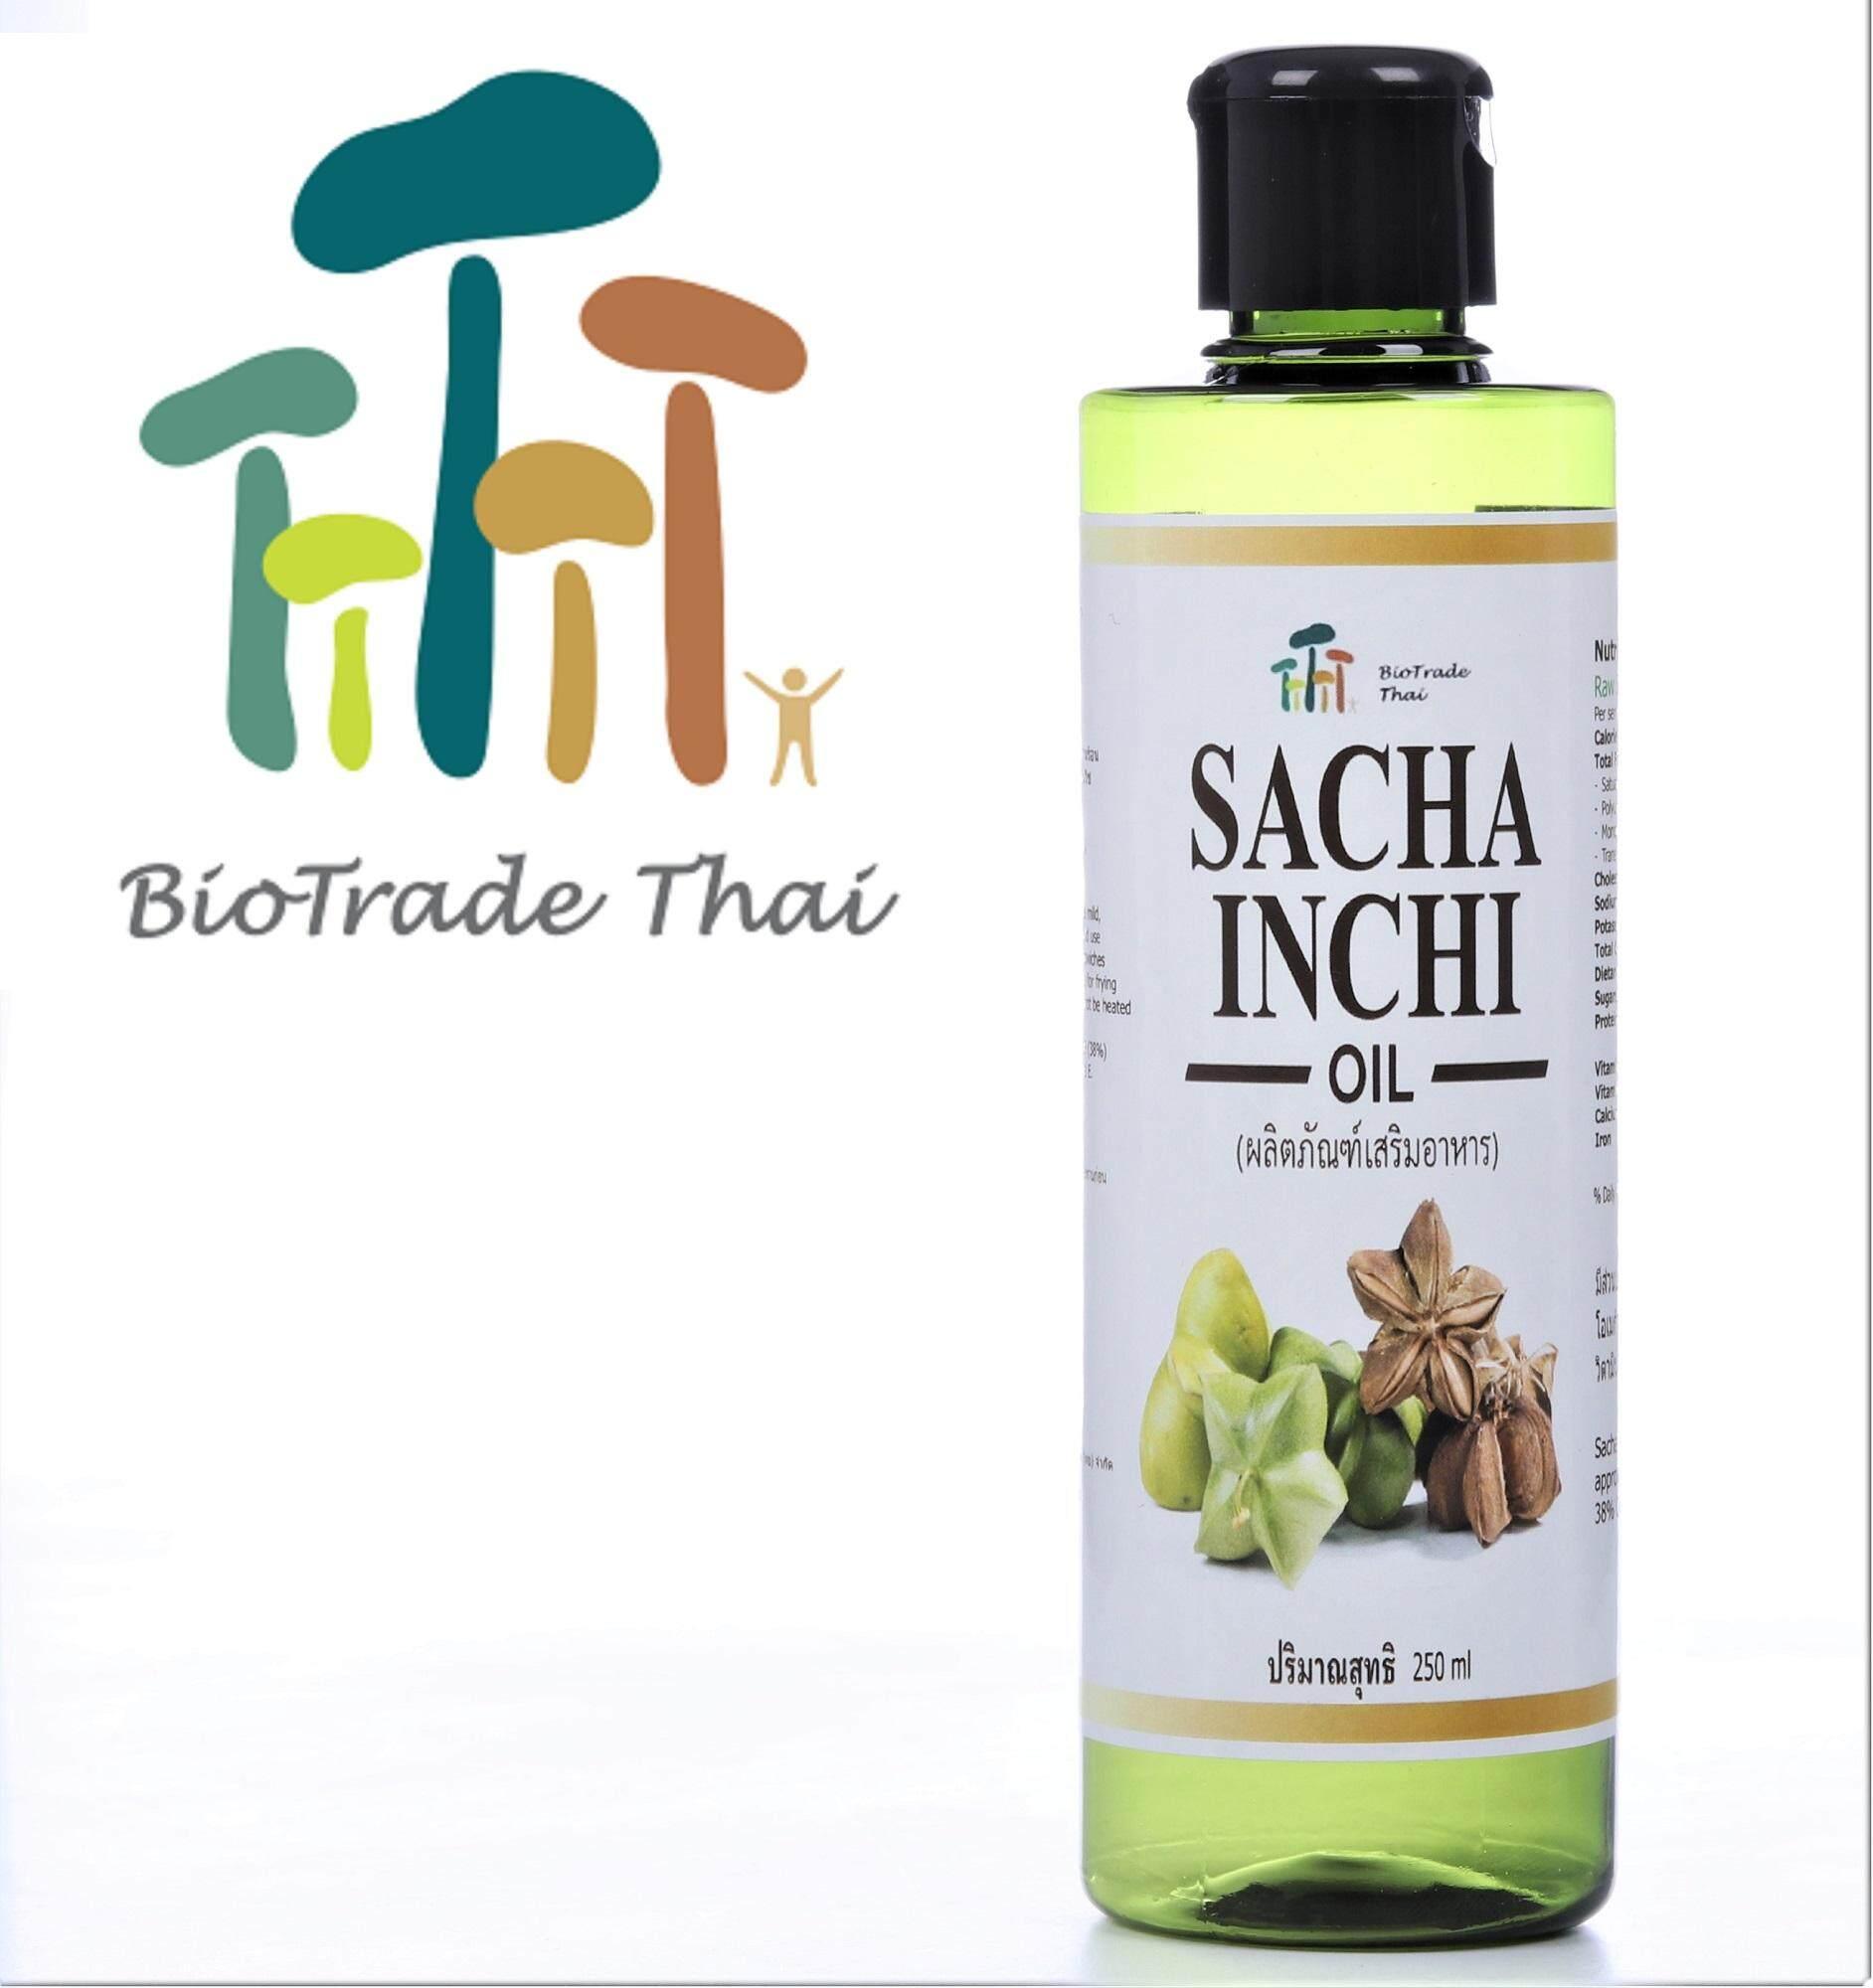 ไบโอเทรด (ไทย) น้ำมัน ถั่วดาวอินคา, สกัดเย็น, ไม่มีสิ่งอื่นเจือปน 1 ขวด, 1 x 250ml; น้ำมันถั่วดาวอินคาสกัดเย็นชนิด; 1x Biotrade Thai Sacha Inchi oil 250 ml, cold pressed, virgin (1 bottle of 250 ml)